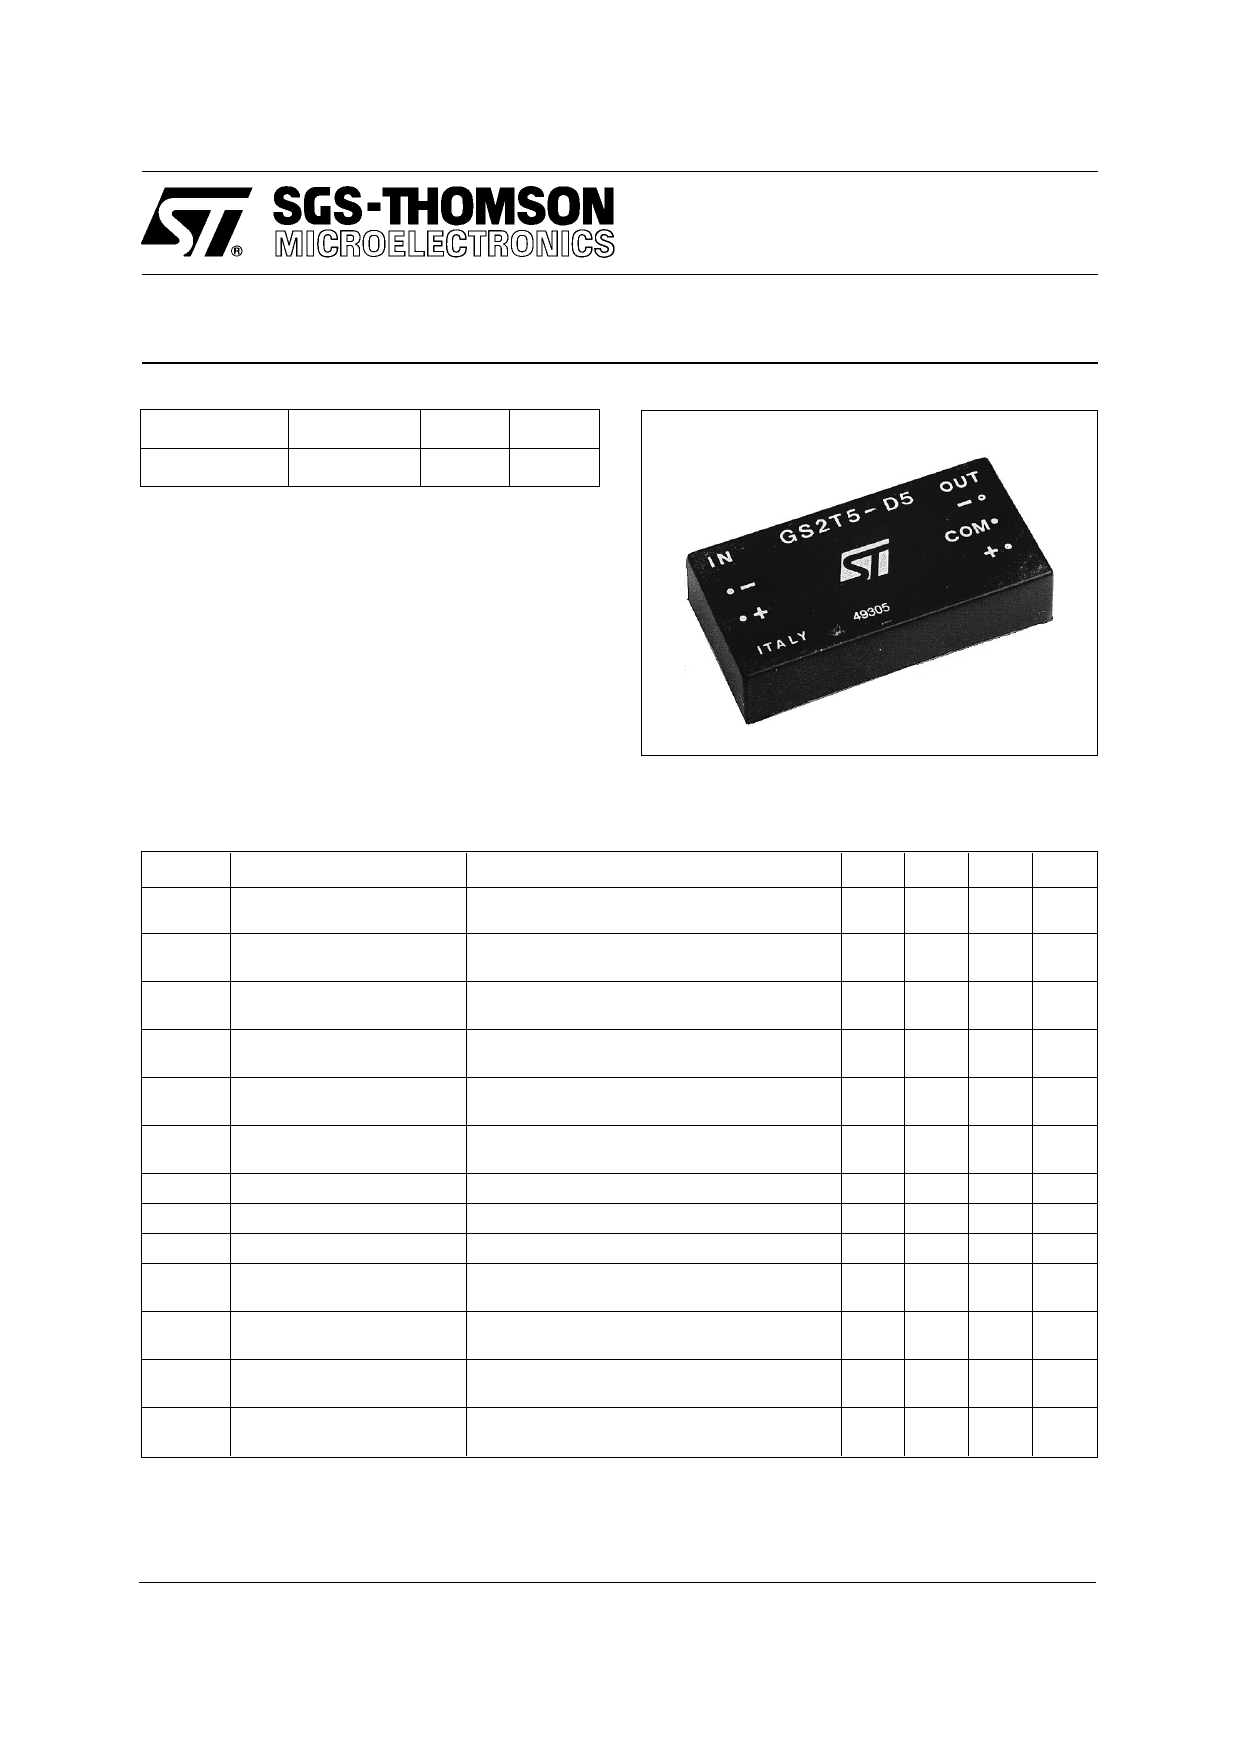 GS2T5-D5 datasheet